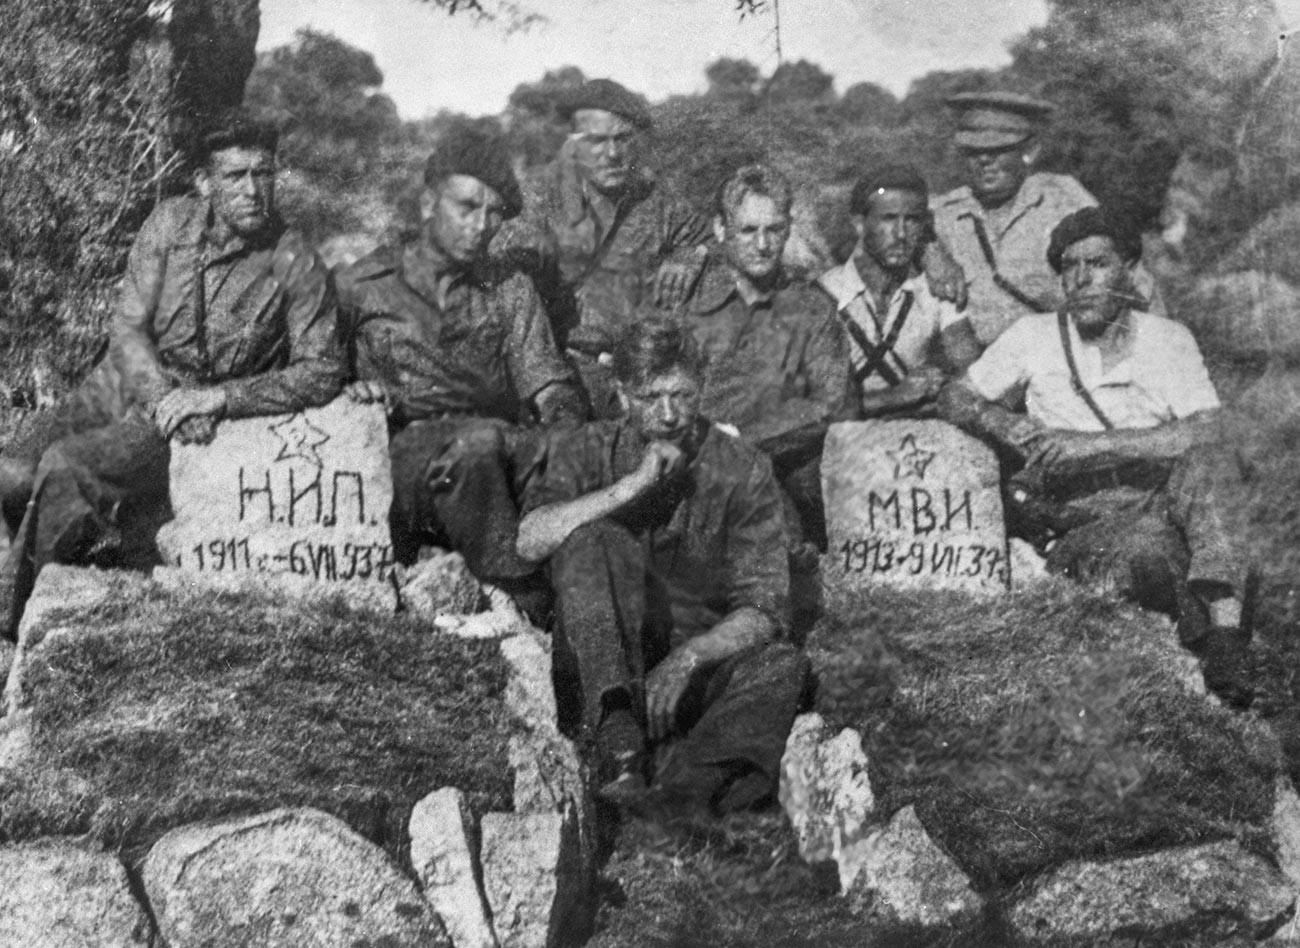 Pilotes de chars soviétiques sur la tombe de camarades tombés durant la guerre civile espagnole